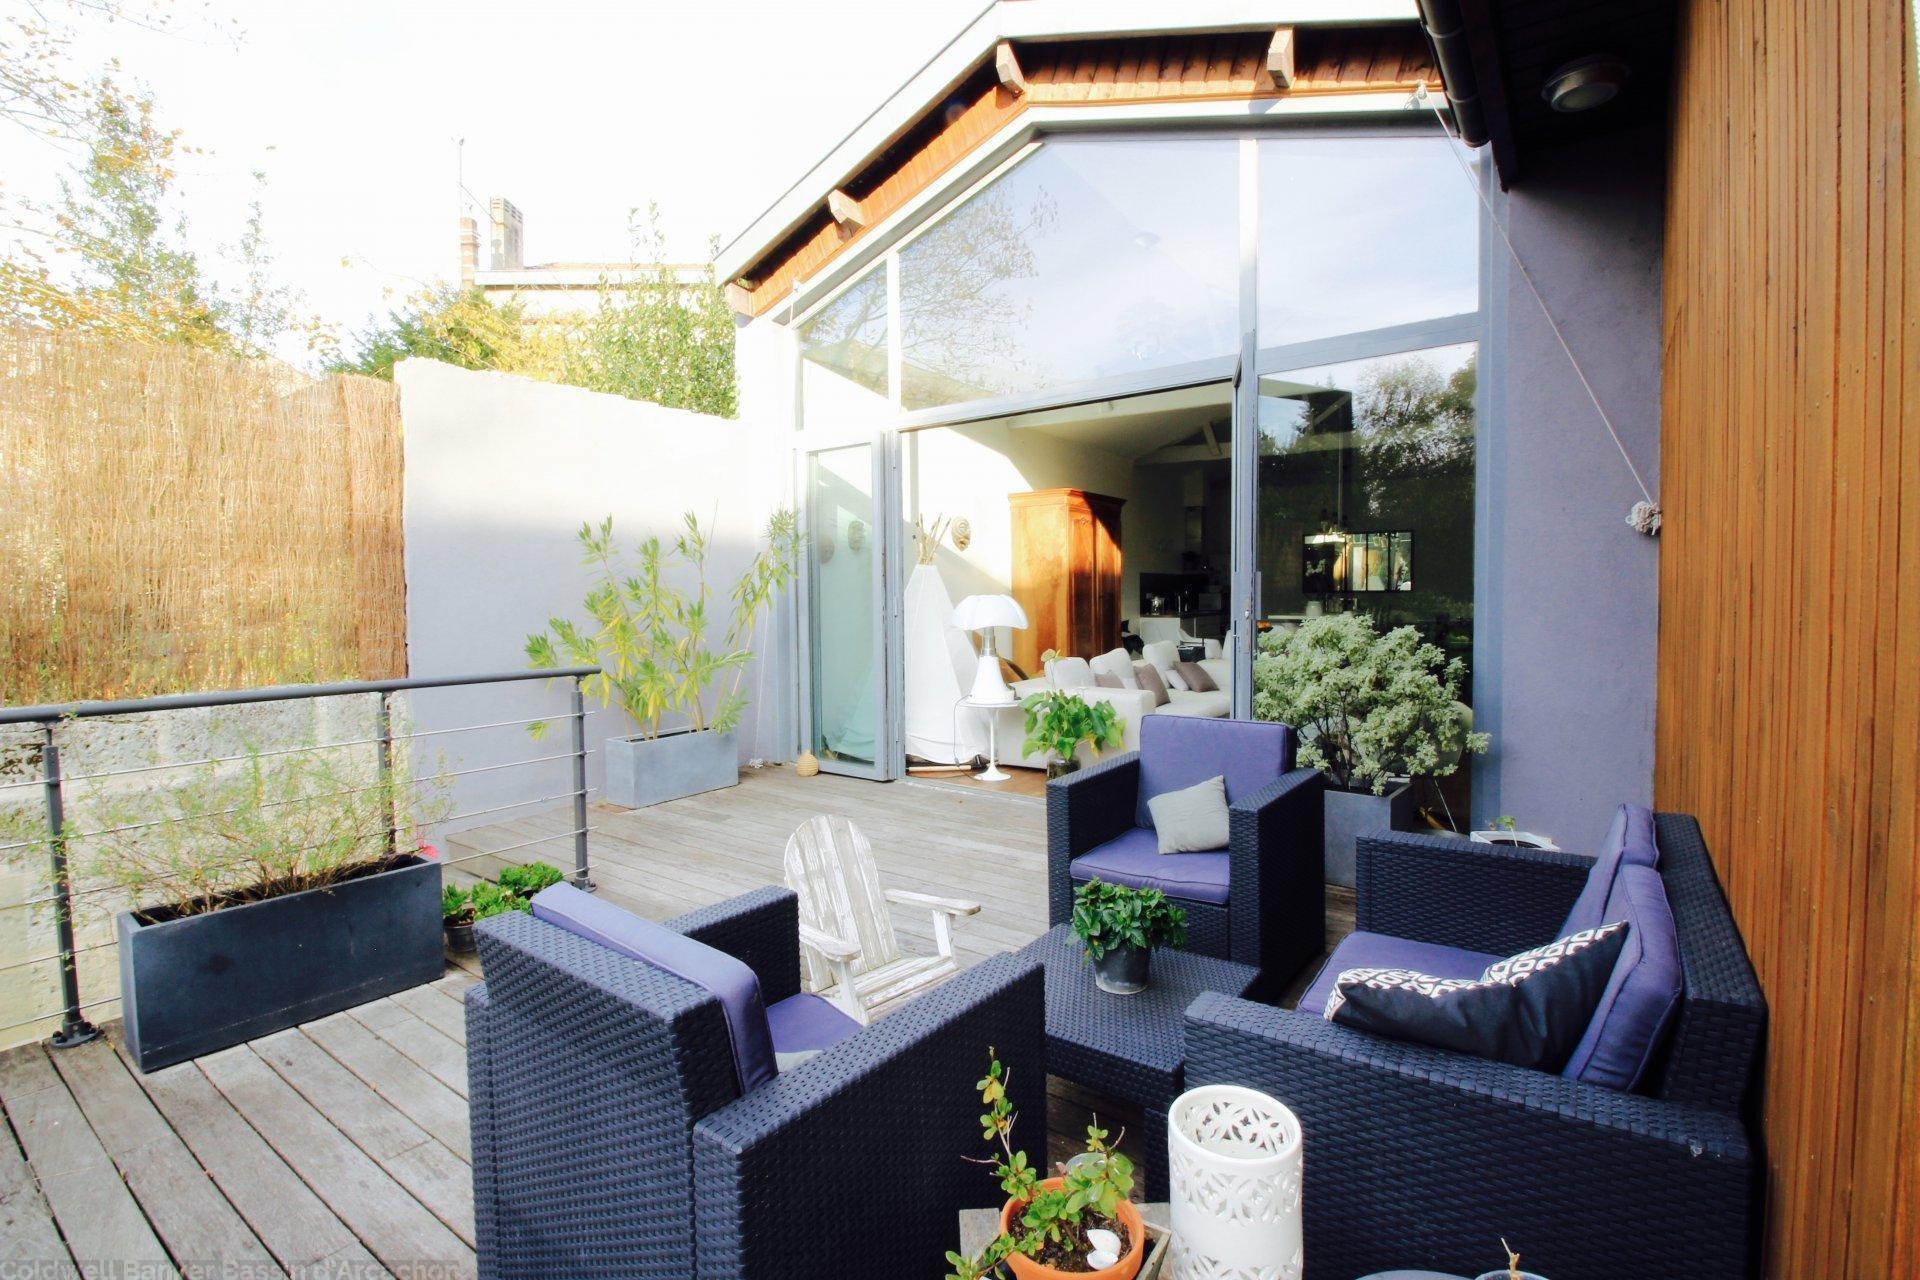 Achat maison plus 140 m2 3 chambres et jardin bordeaux barrière de toulouse